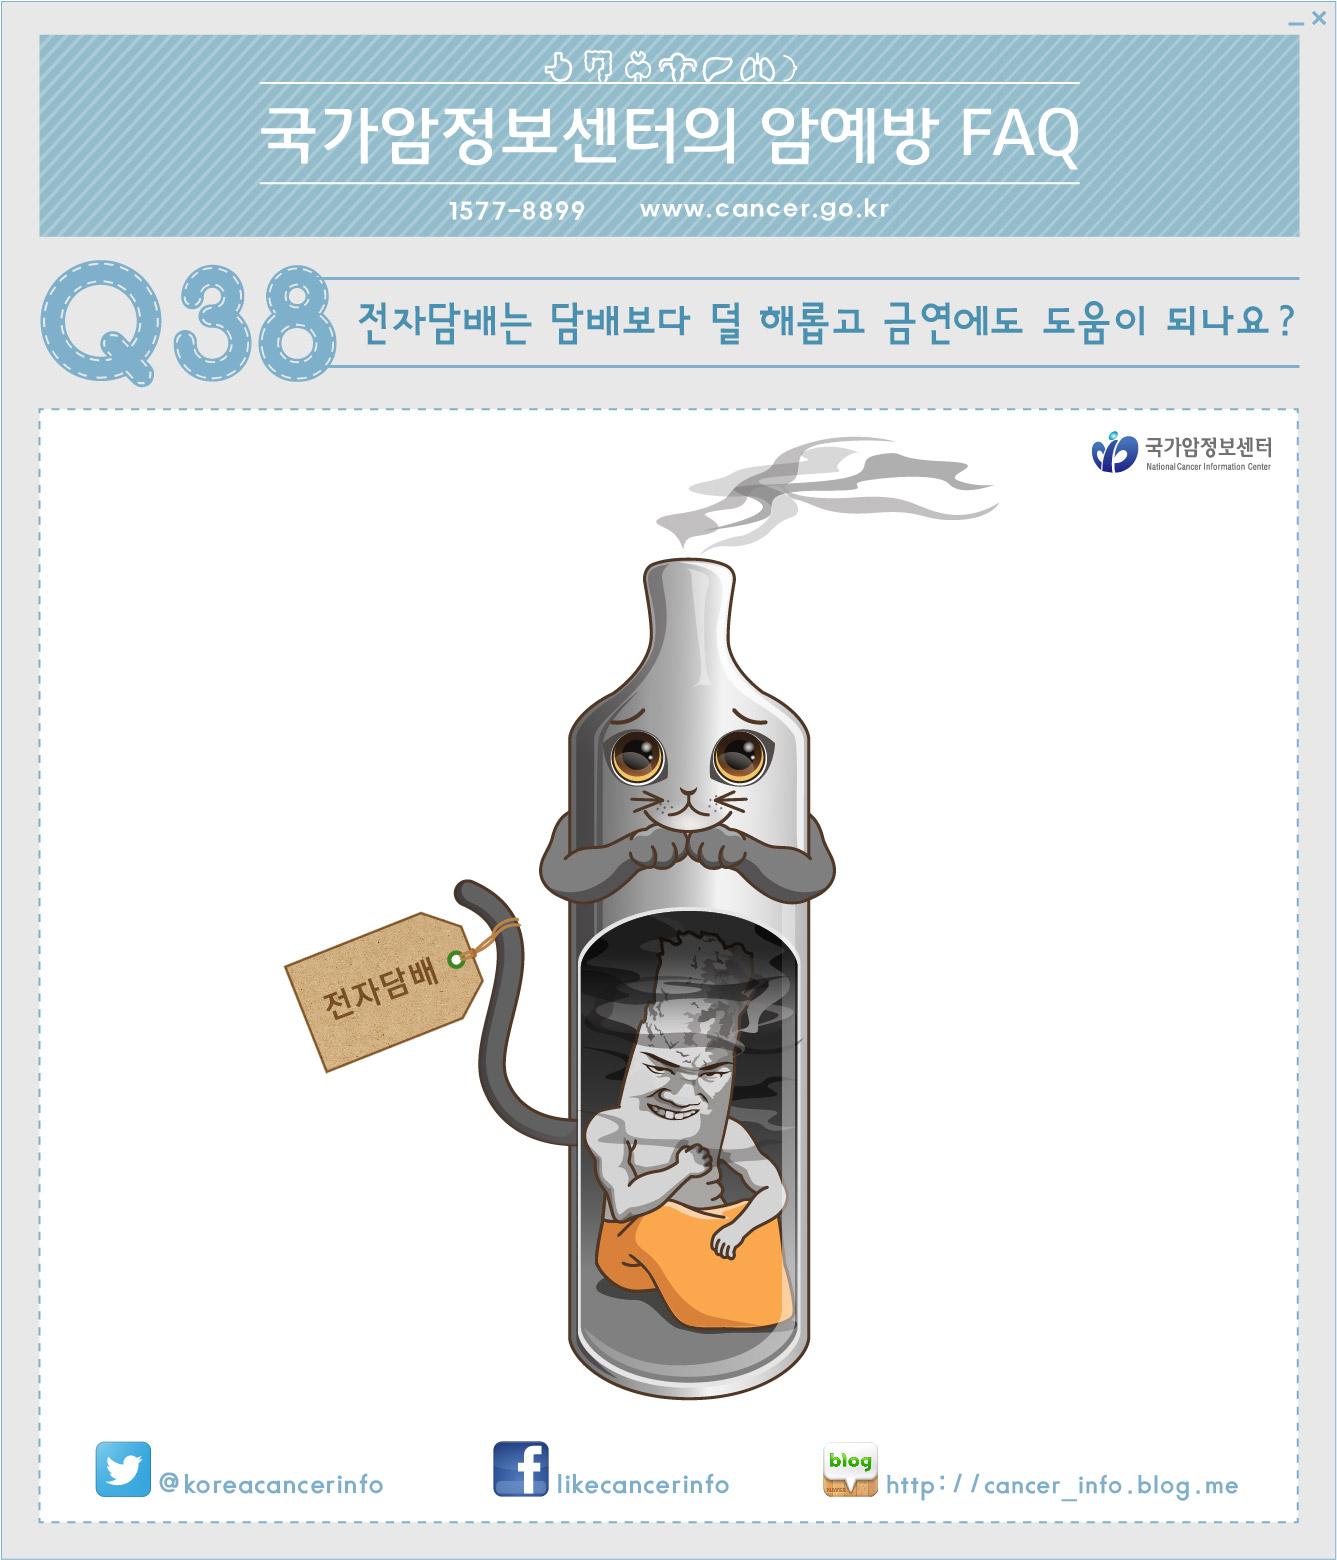 [국가암정보센터 암예방 FAQ] 38. 전자담배는 담..